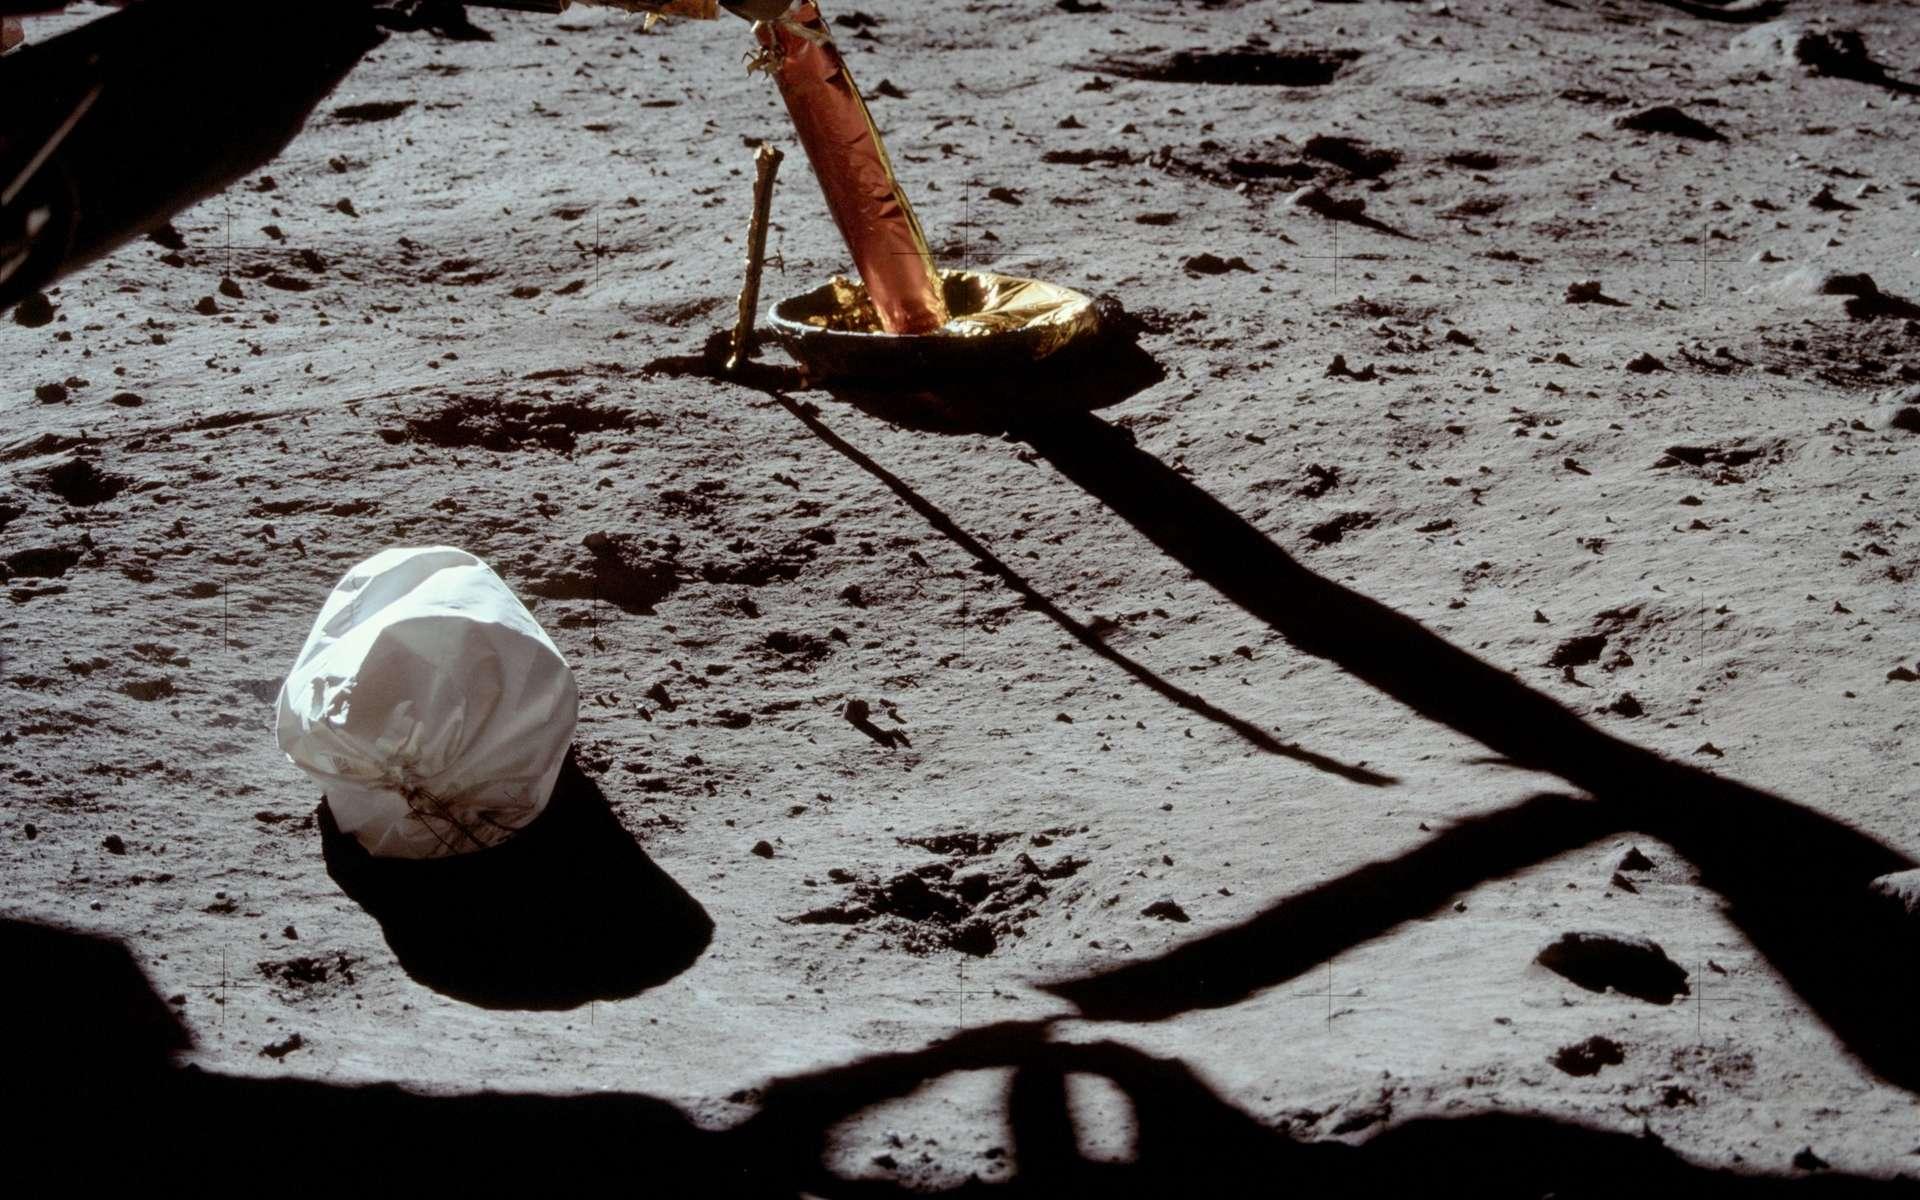 La photo du sac-poubelle prise par Neil Armstrong le 21 juillet 1969 avant ses premiers pas sur la Lune. © Nasa